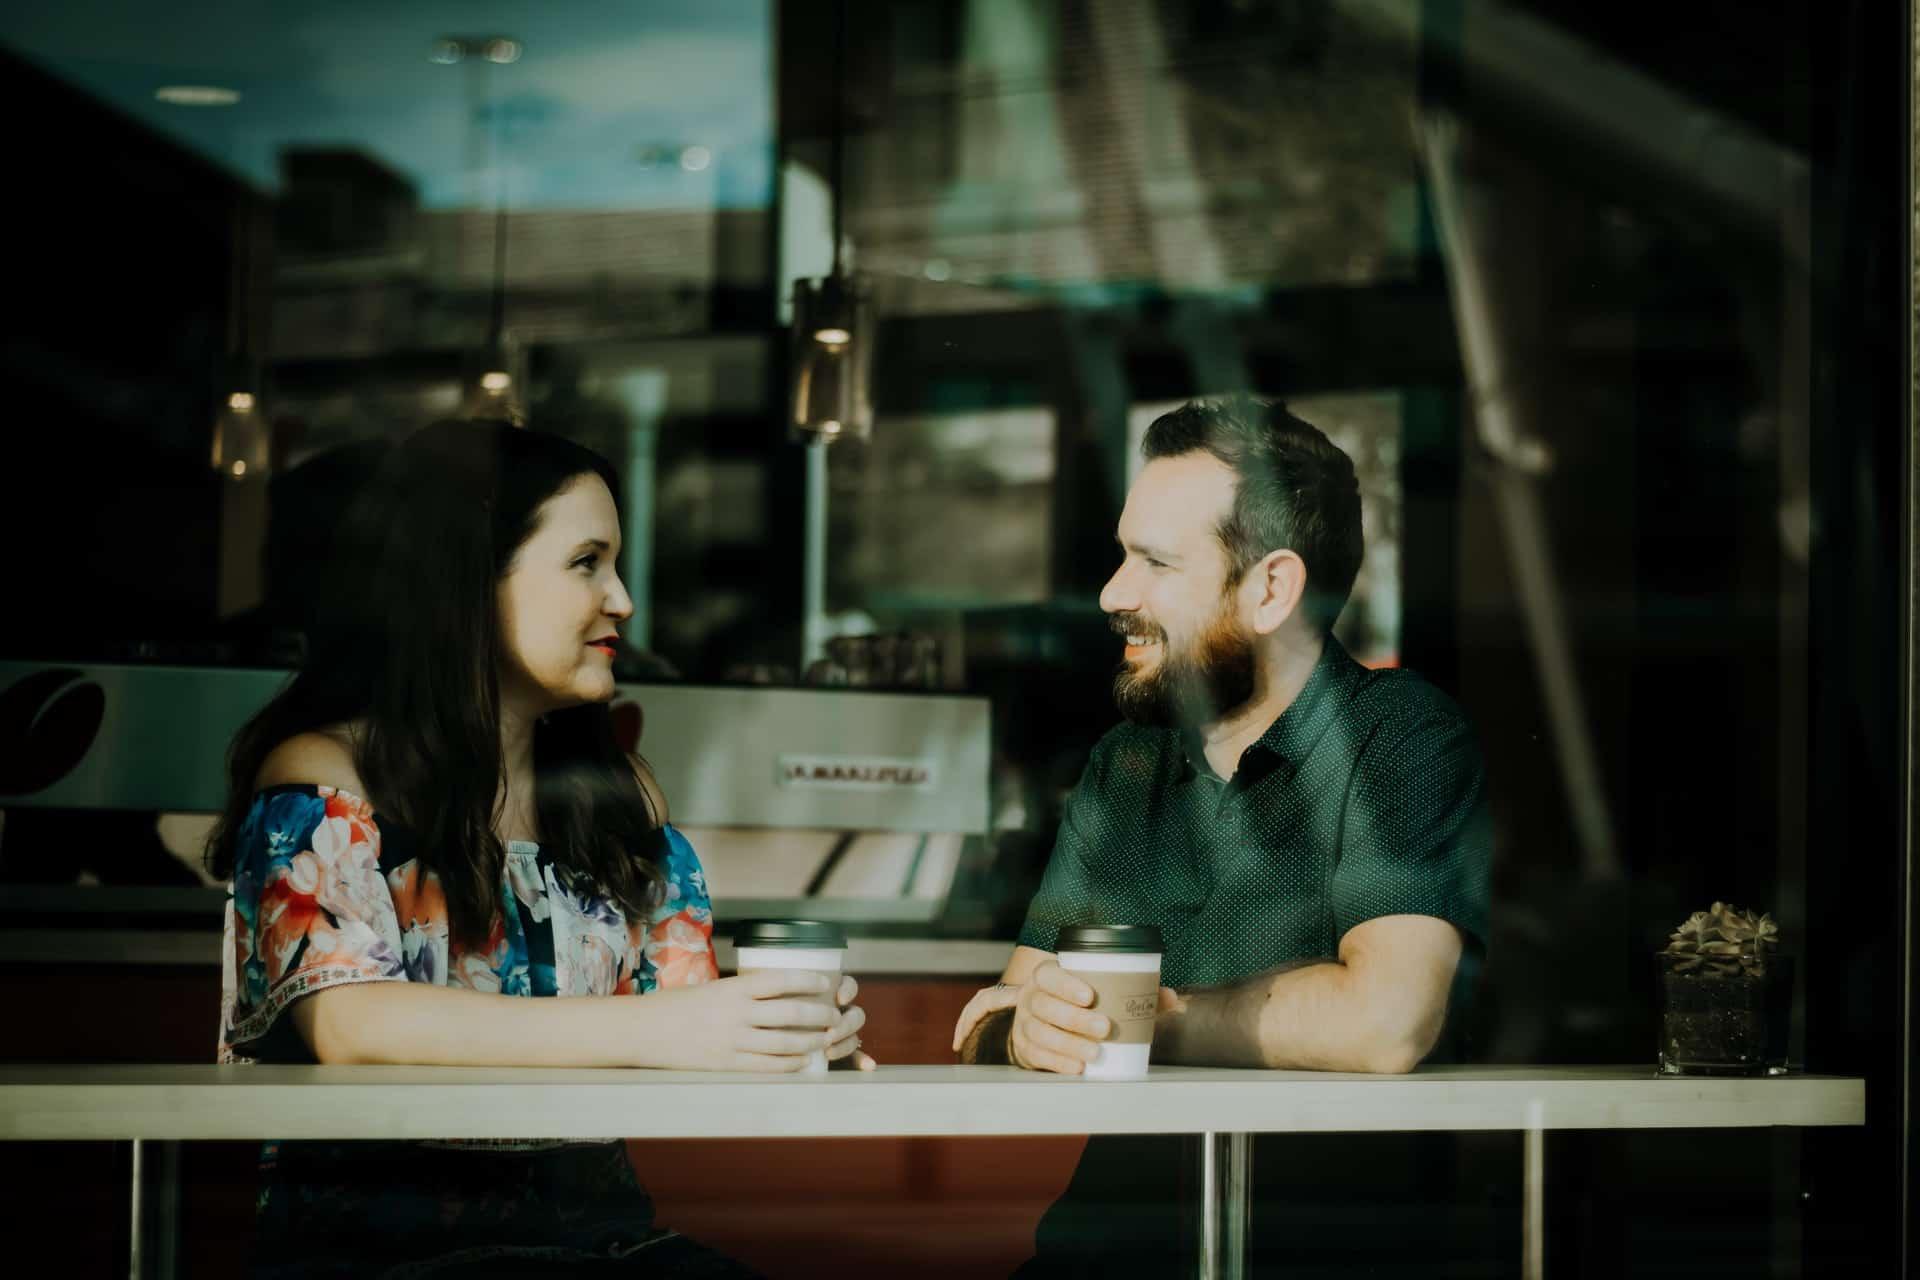 Ein Mann und eine Frau unterhalten sich lässig an der Bar am Fenster